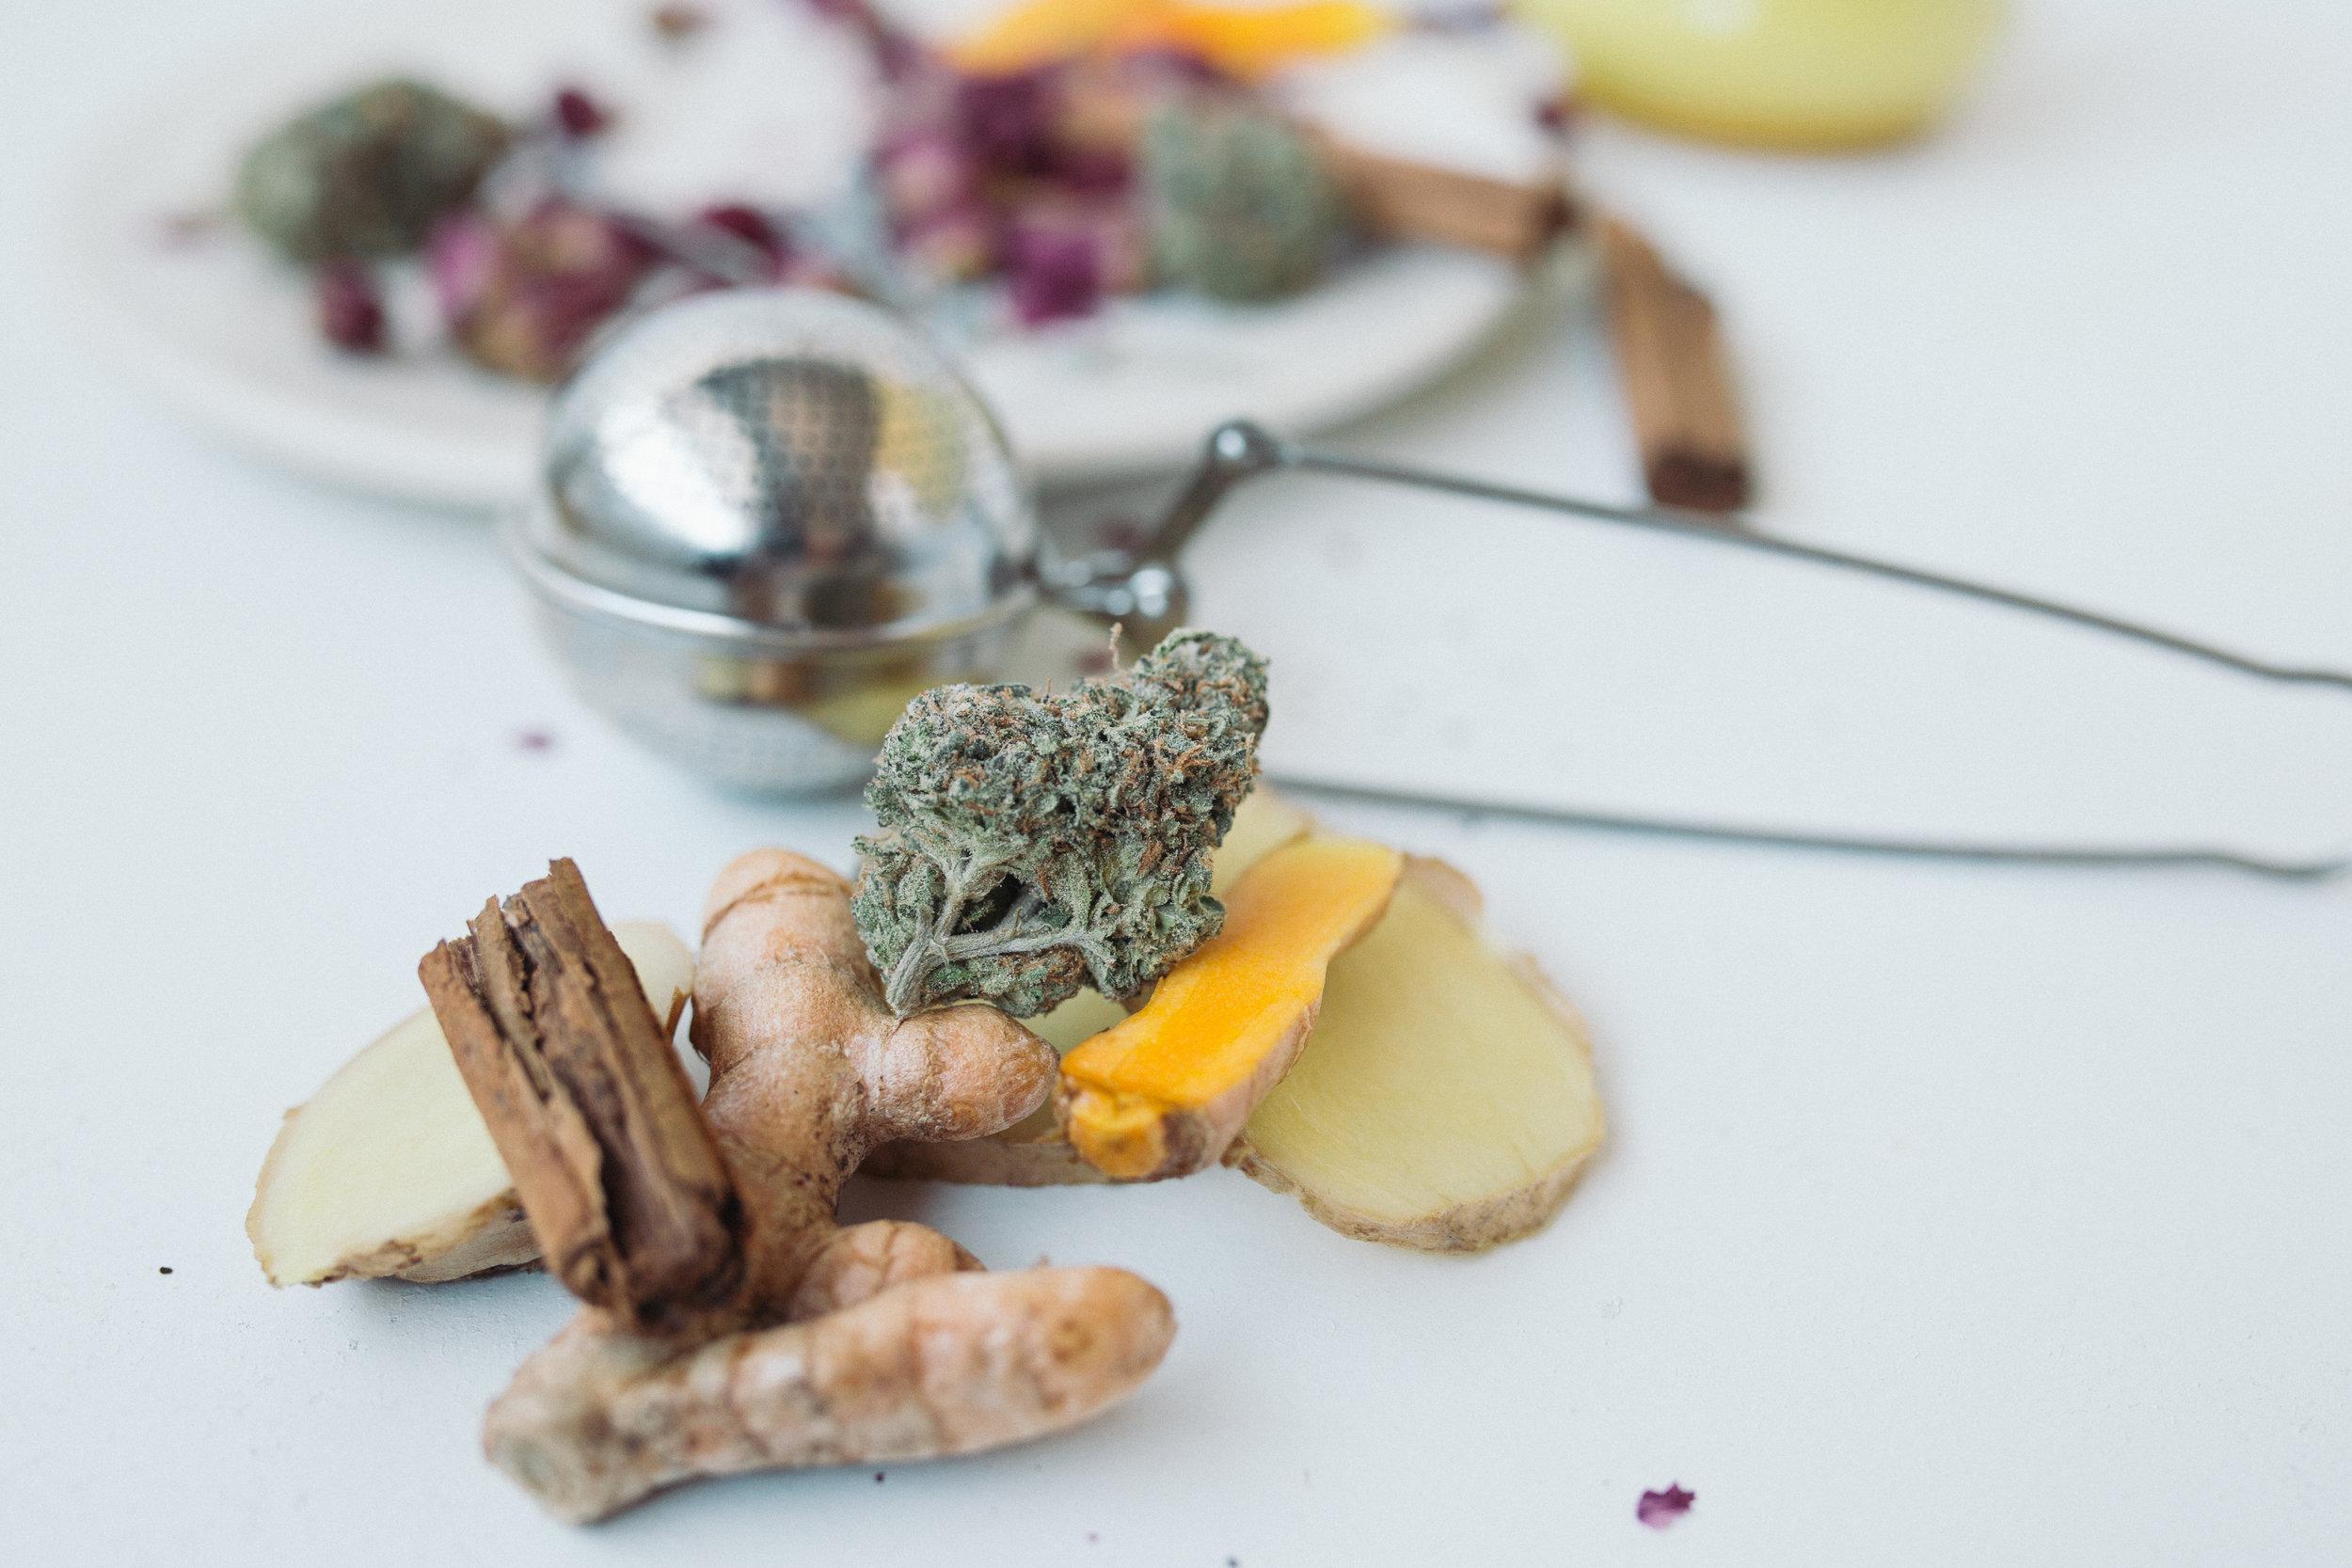 SousWeed_Leafly_CannabisTea-6193.jpg